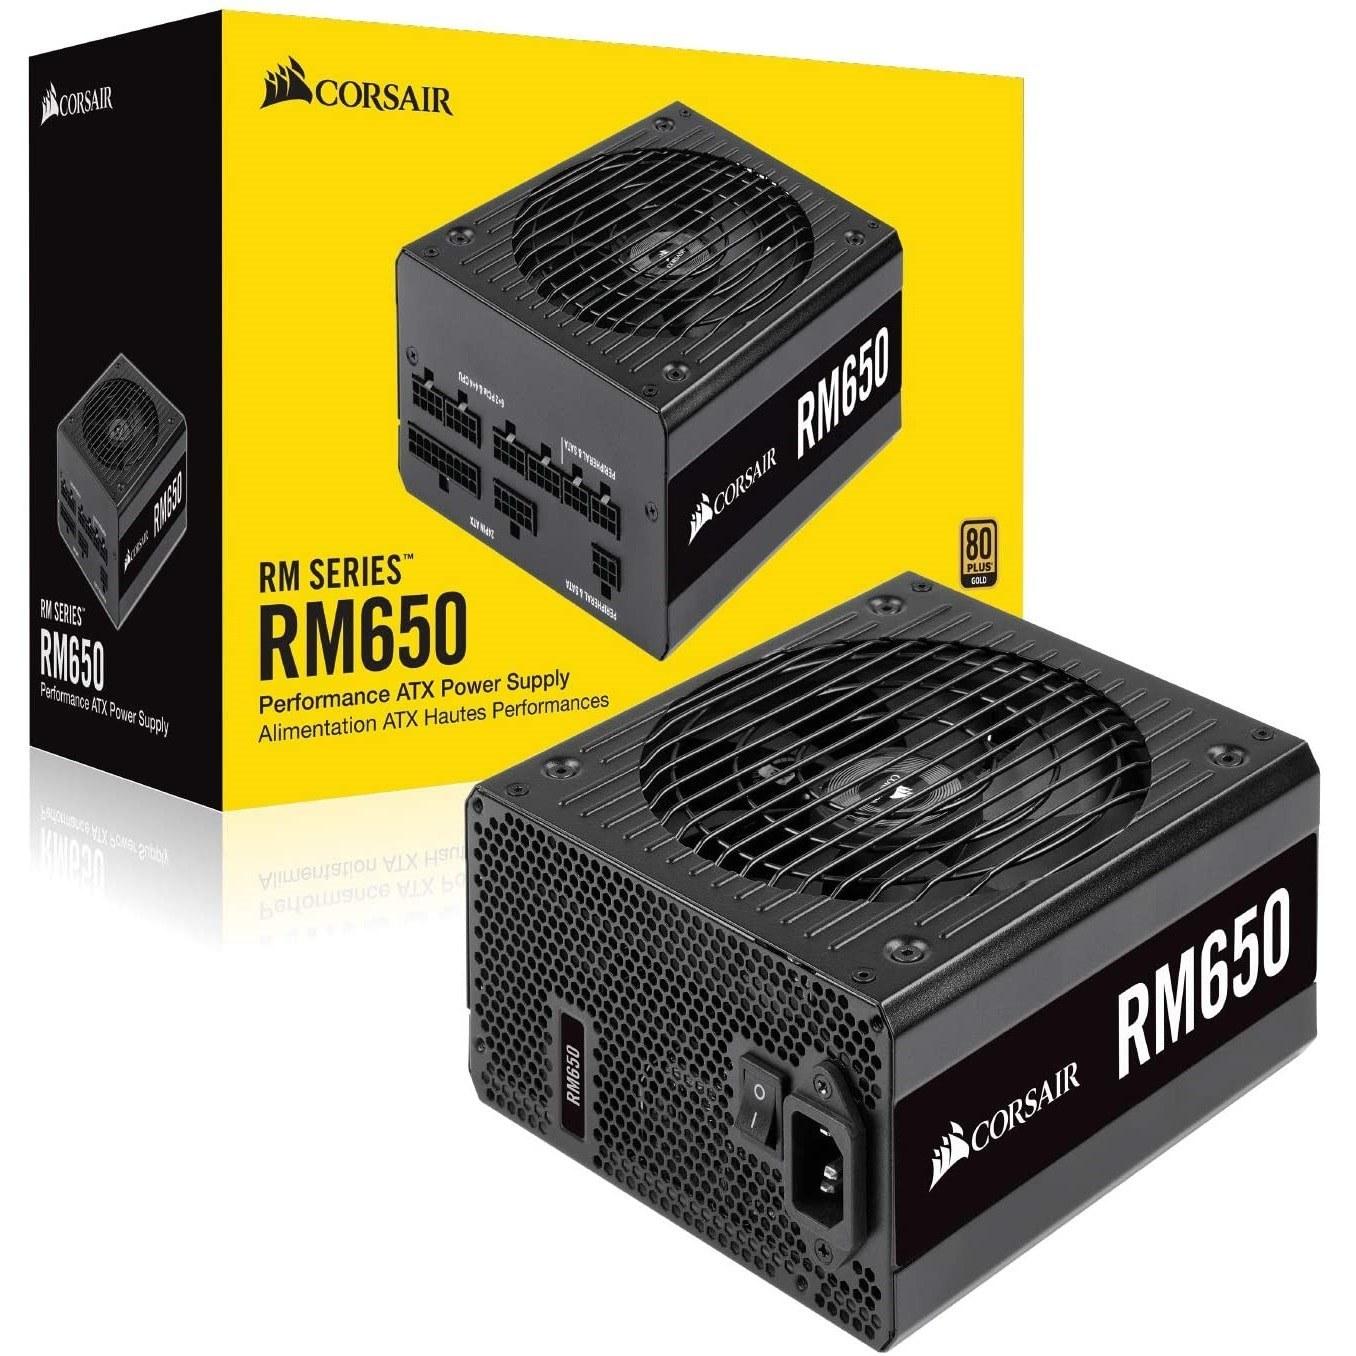 تصویر منبع تغذیه کامپیوتر کورسیر مدل RM650 80 PLUS Gold Fully Modular RM Series RM650 — 650 Watt 80 PLUS® Gold Certified Fully Modular PSU